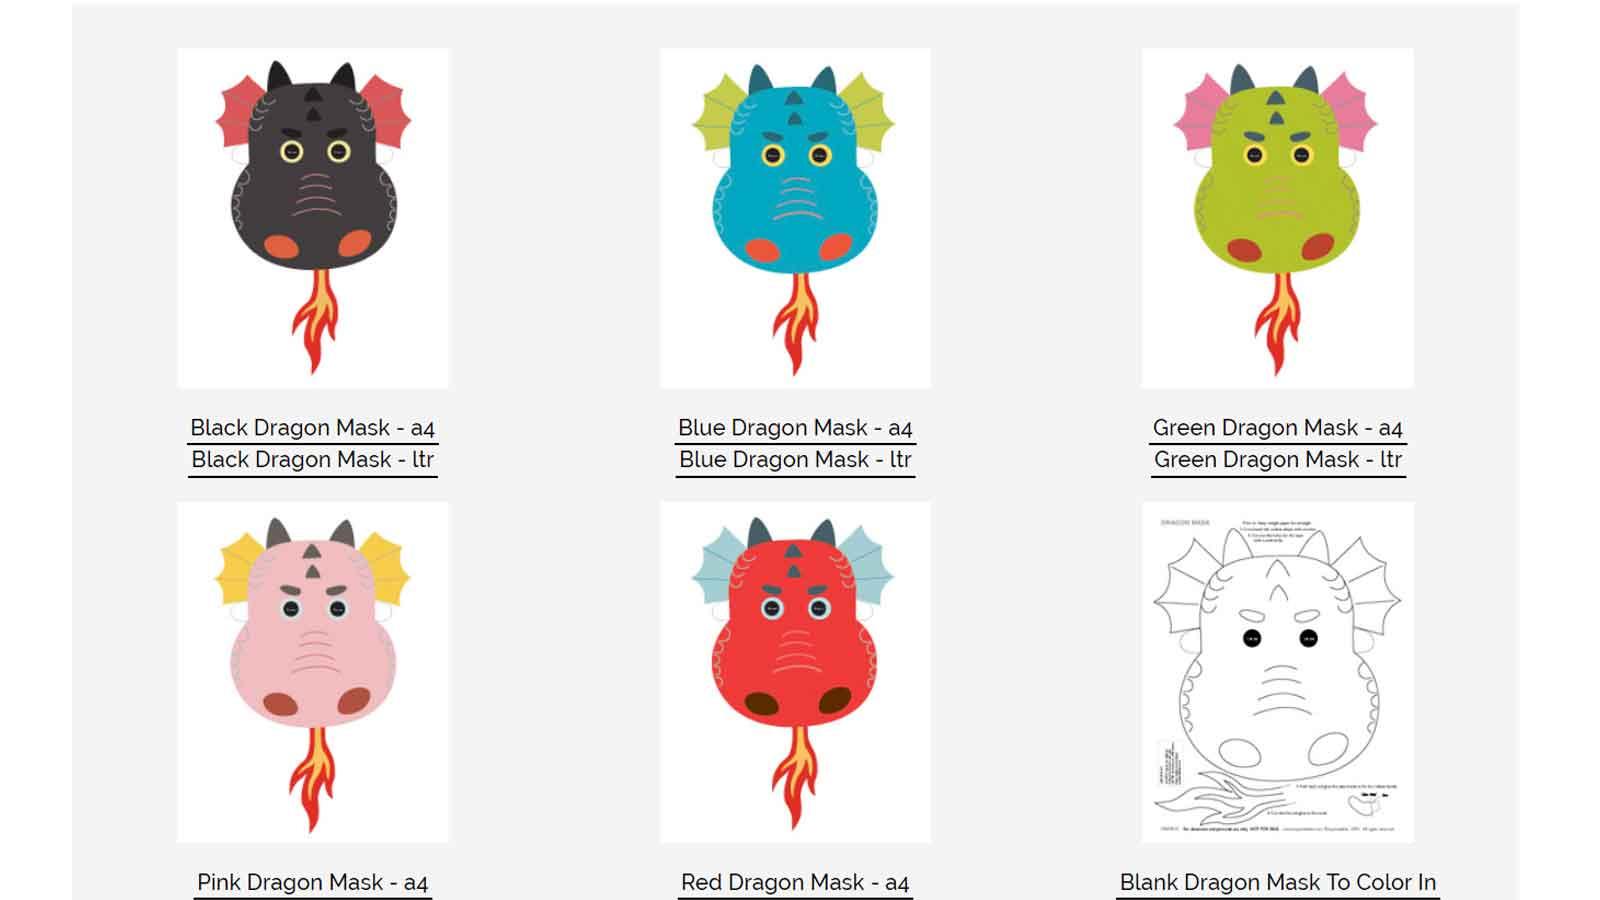 Diy : 19 Masques Gratuits À Imprimer Et Découper Soi-Même intérieur Découpage Collage Maternelle À Imprimer